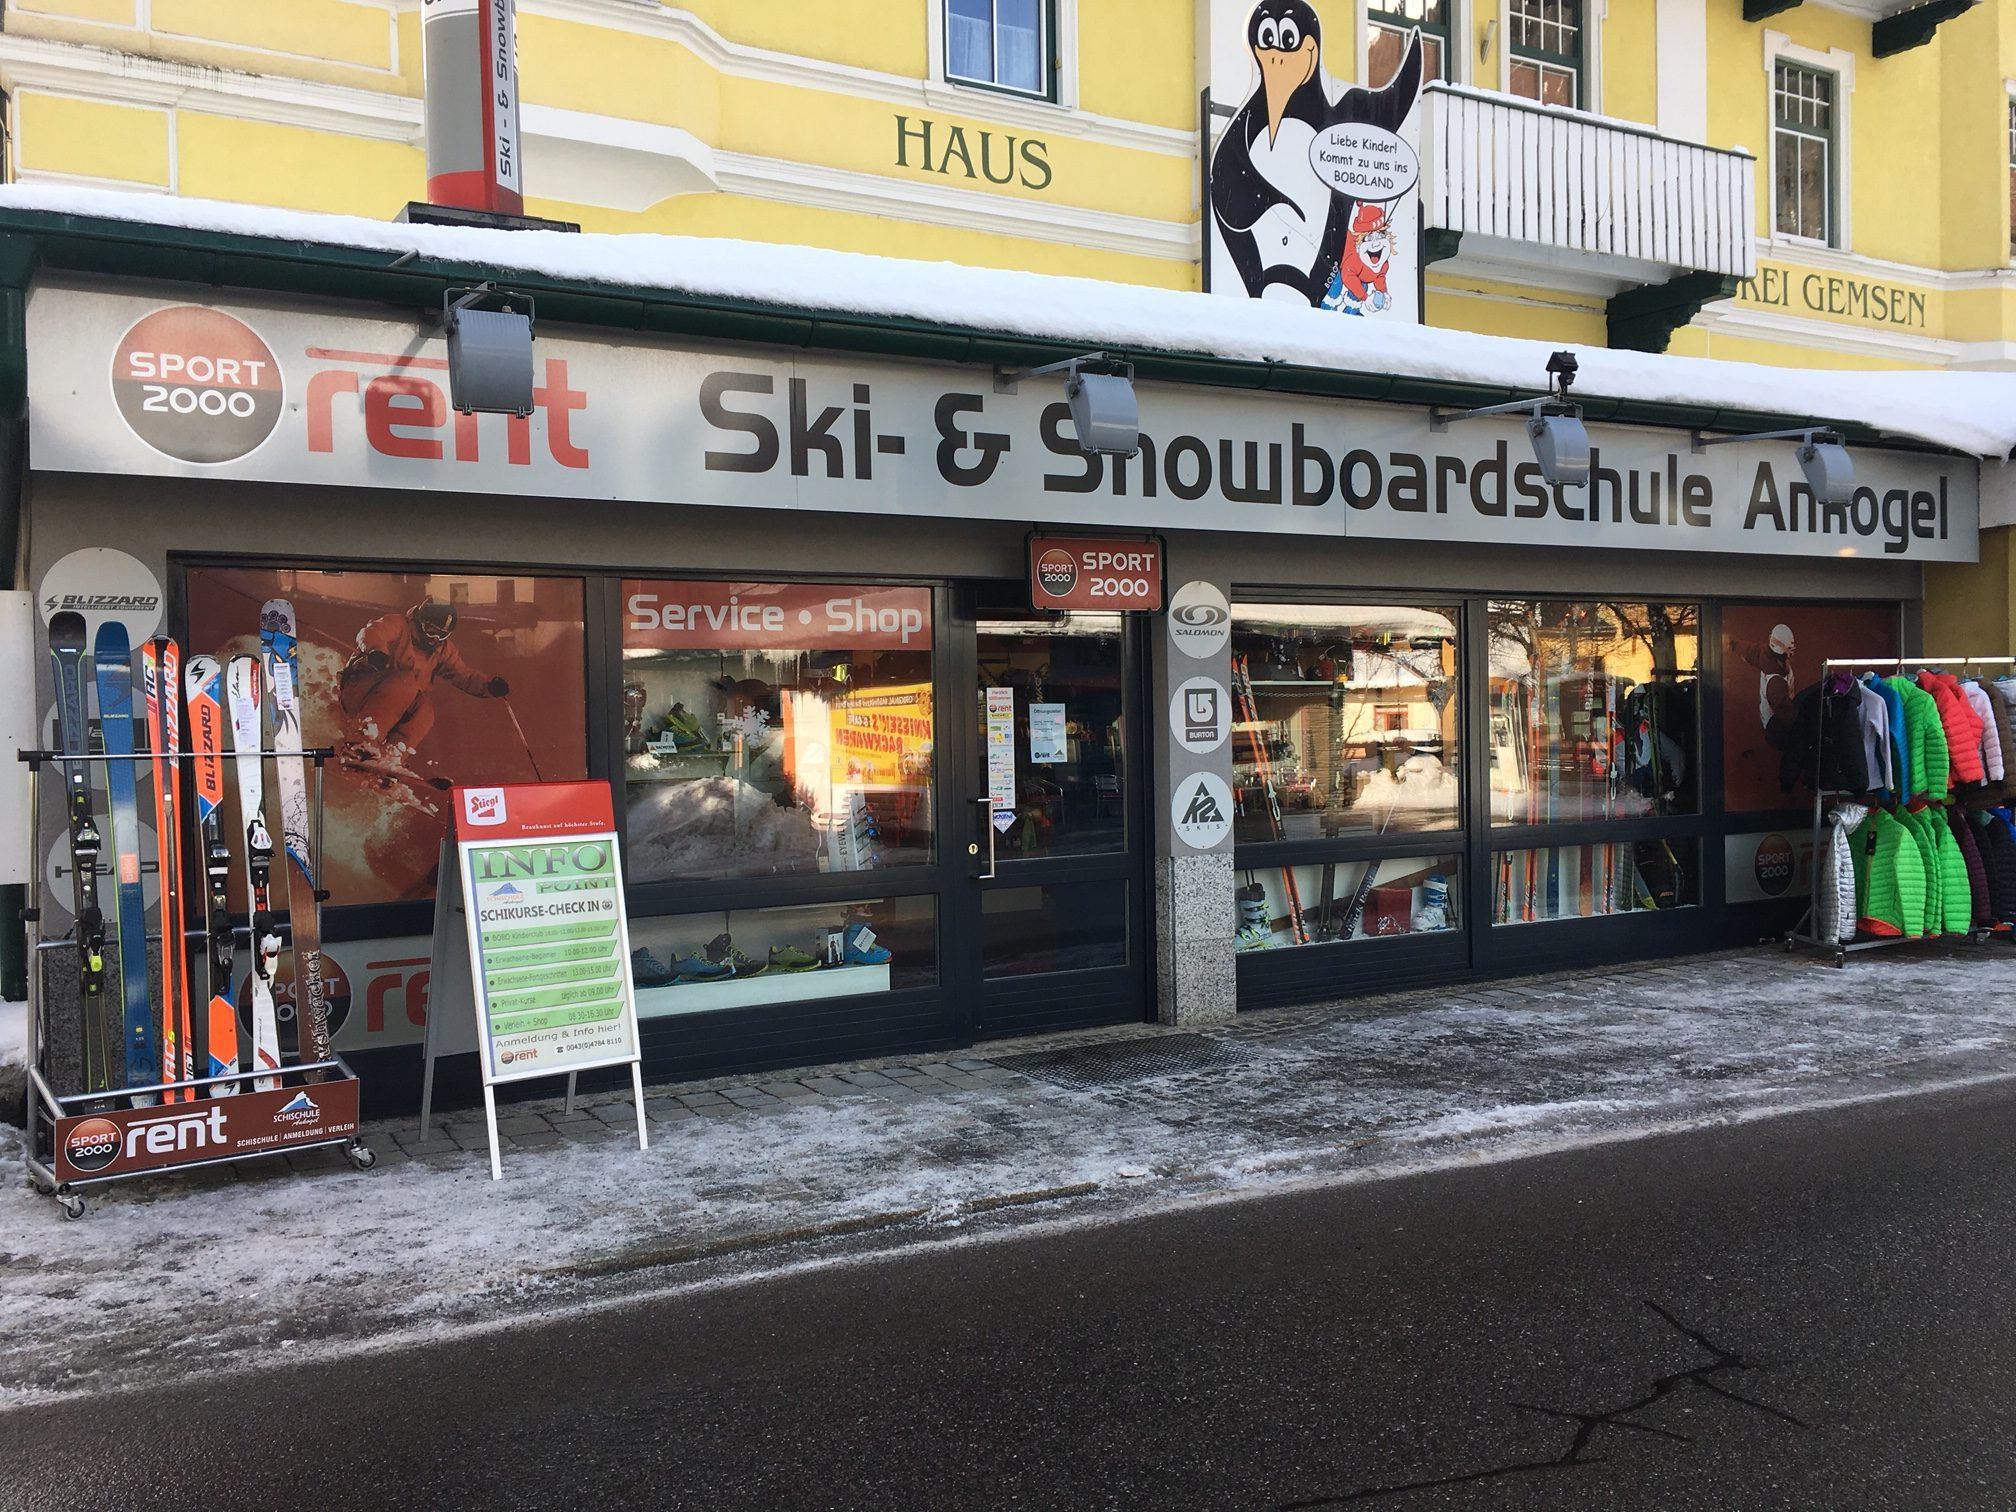 Schiverleih, Schiservice Mallnitz